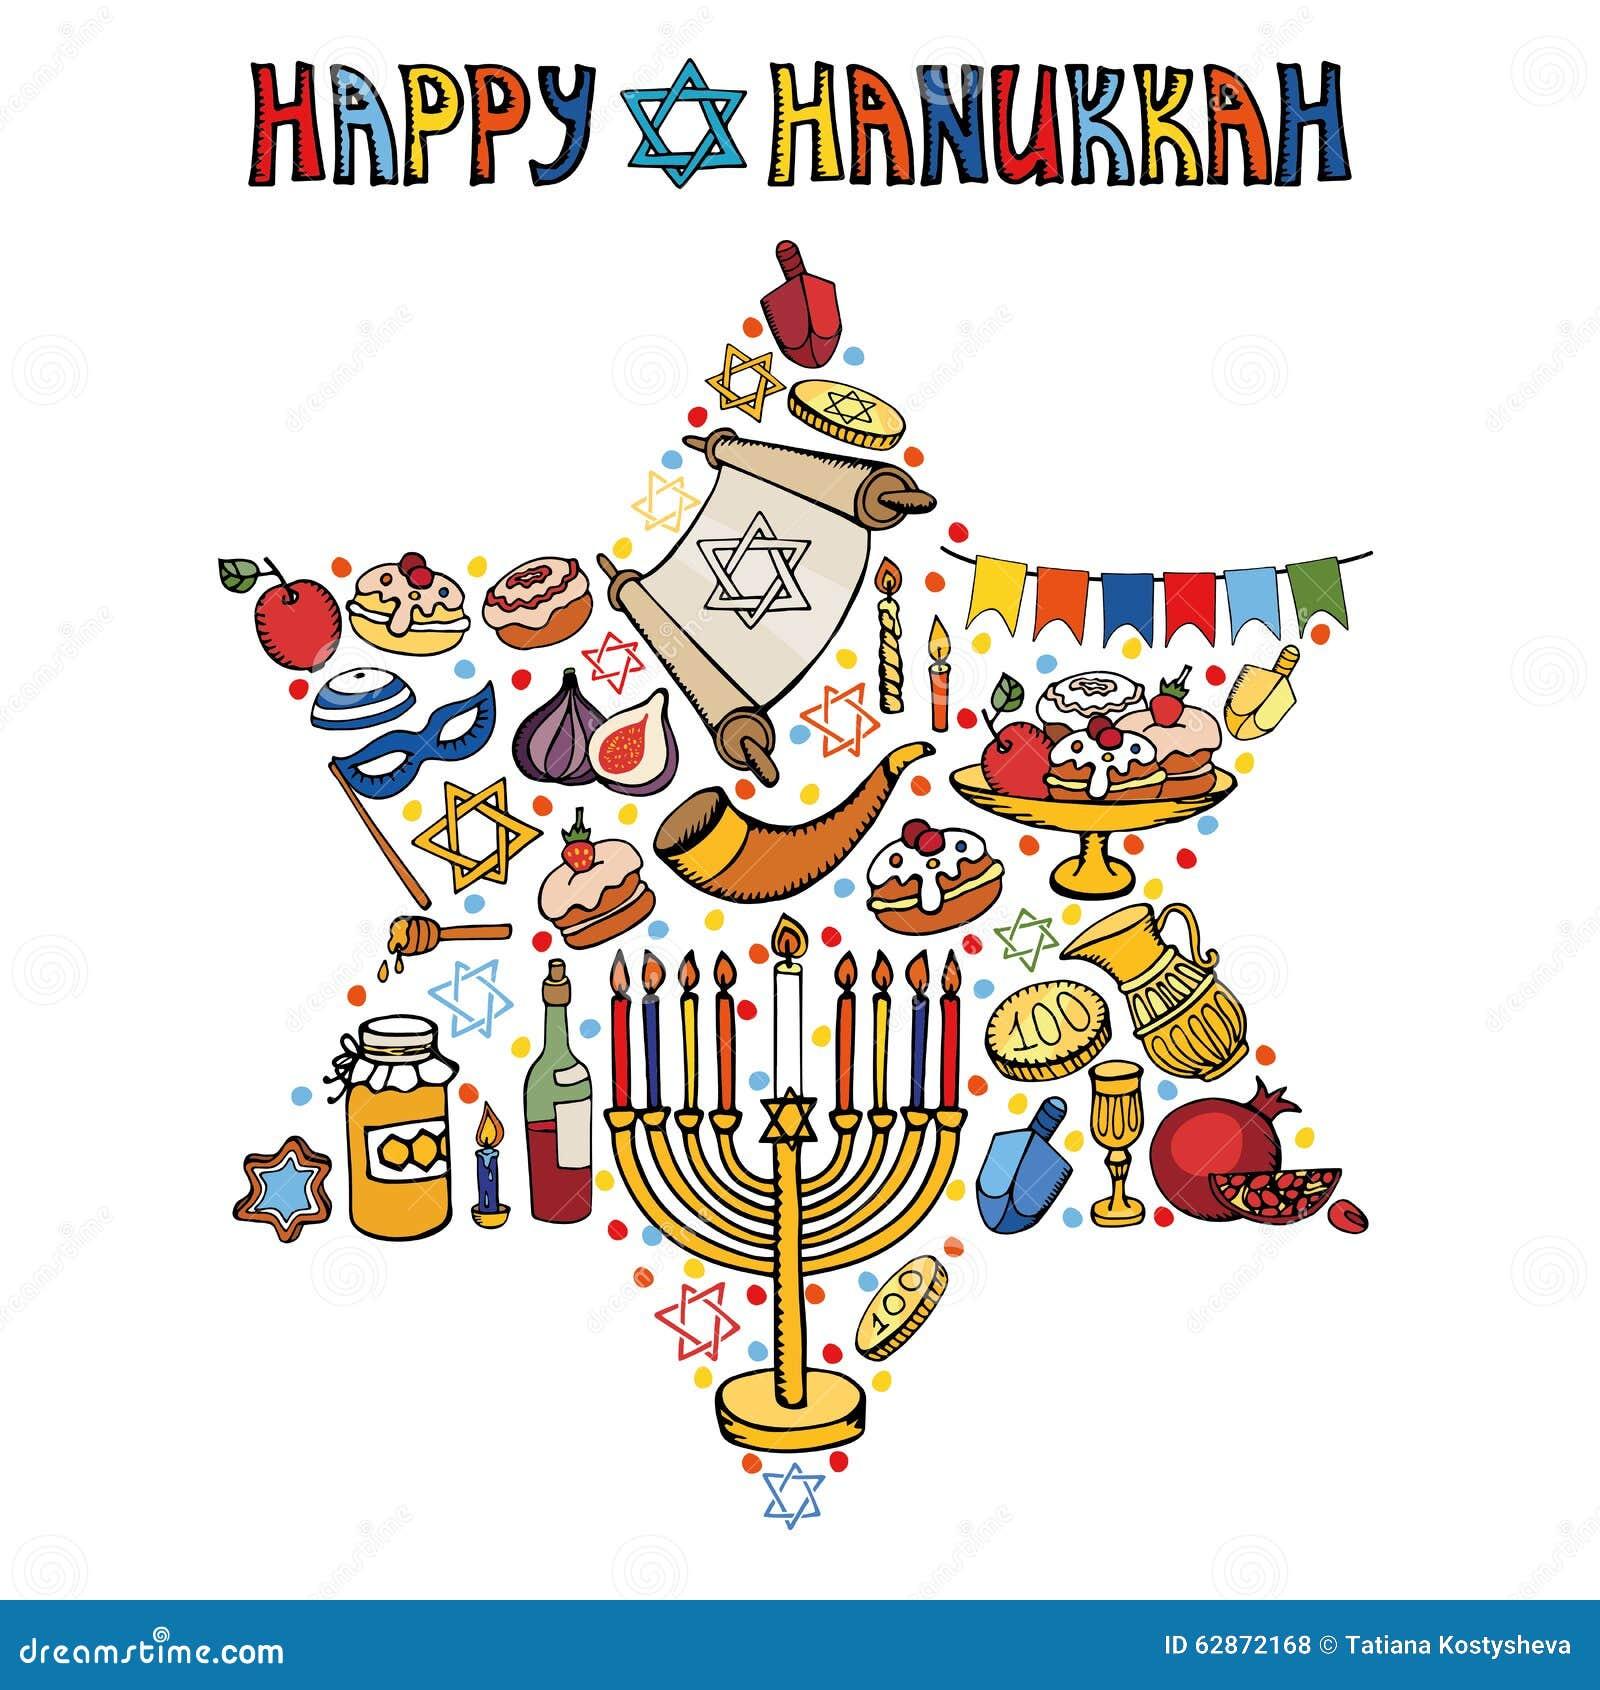 Hanukkah Greeting Card.Israel Symbols In David Stock Vector - Image ...